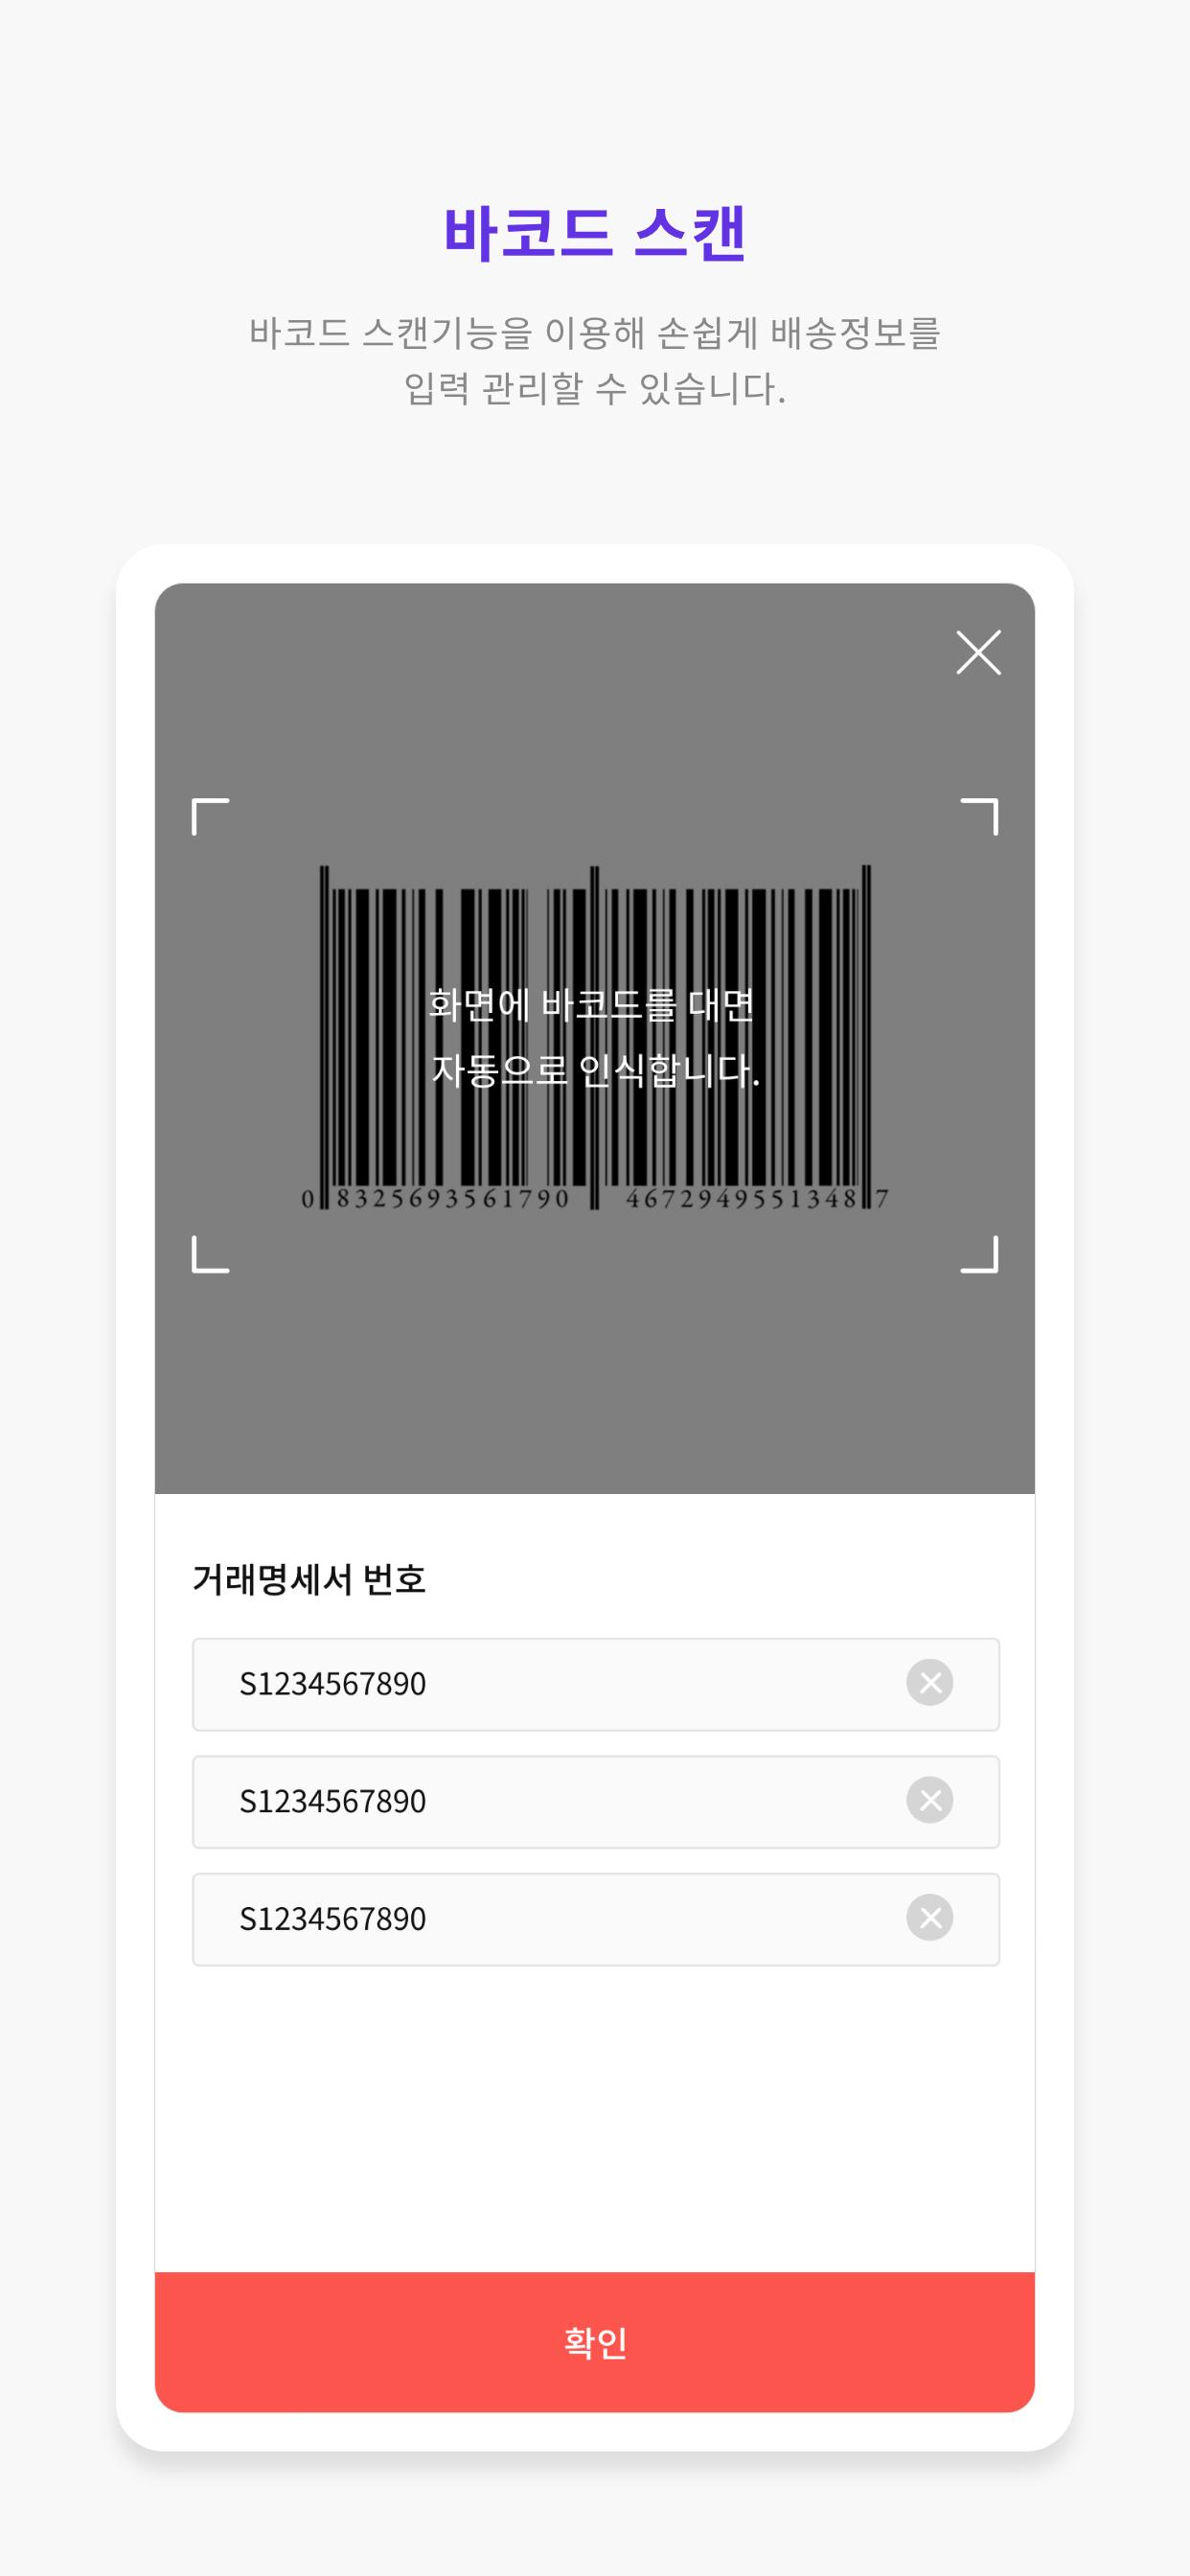 행복나래 HAVIS 모바일 시스템 구축 개발 업무_5